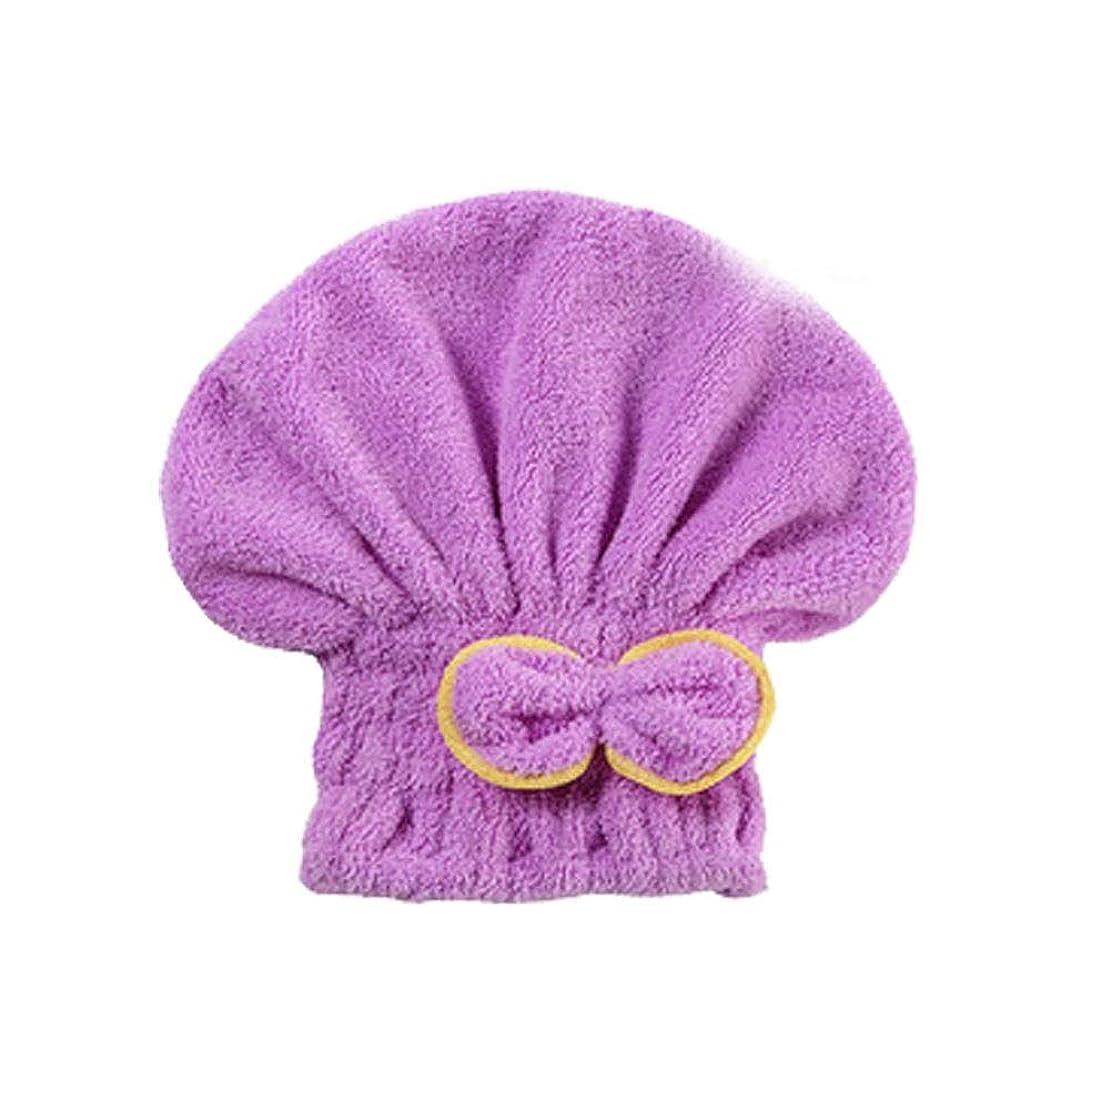 災害弾丸シリーズYUXUANCIXIU シャワーキャップ、女性用ドライシャワーキャップ女性用のデラックスシャワーキャップ長さと太さ、再利用可能なシャワー。 家庭用品 (Color : Purple)